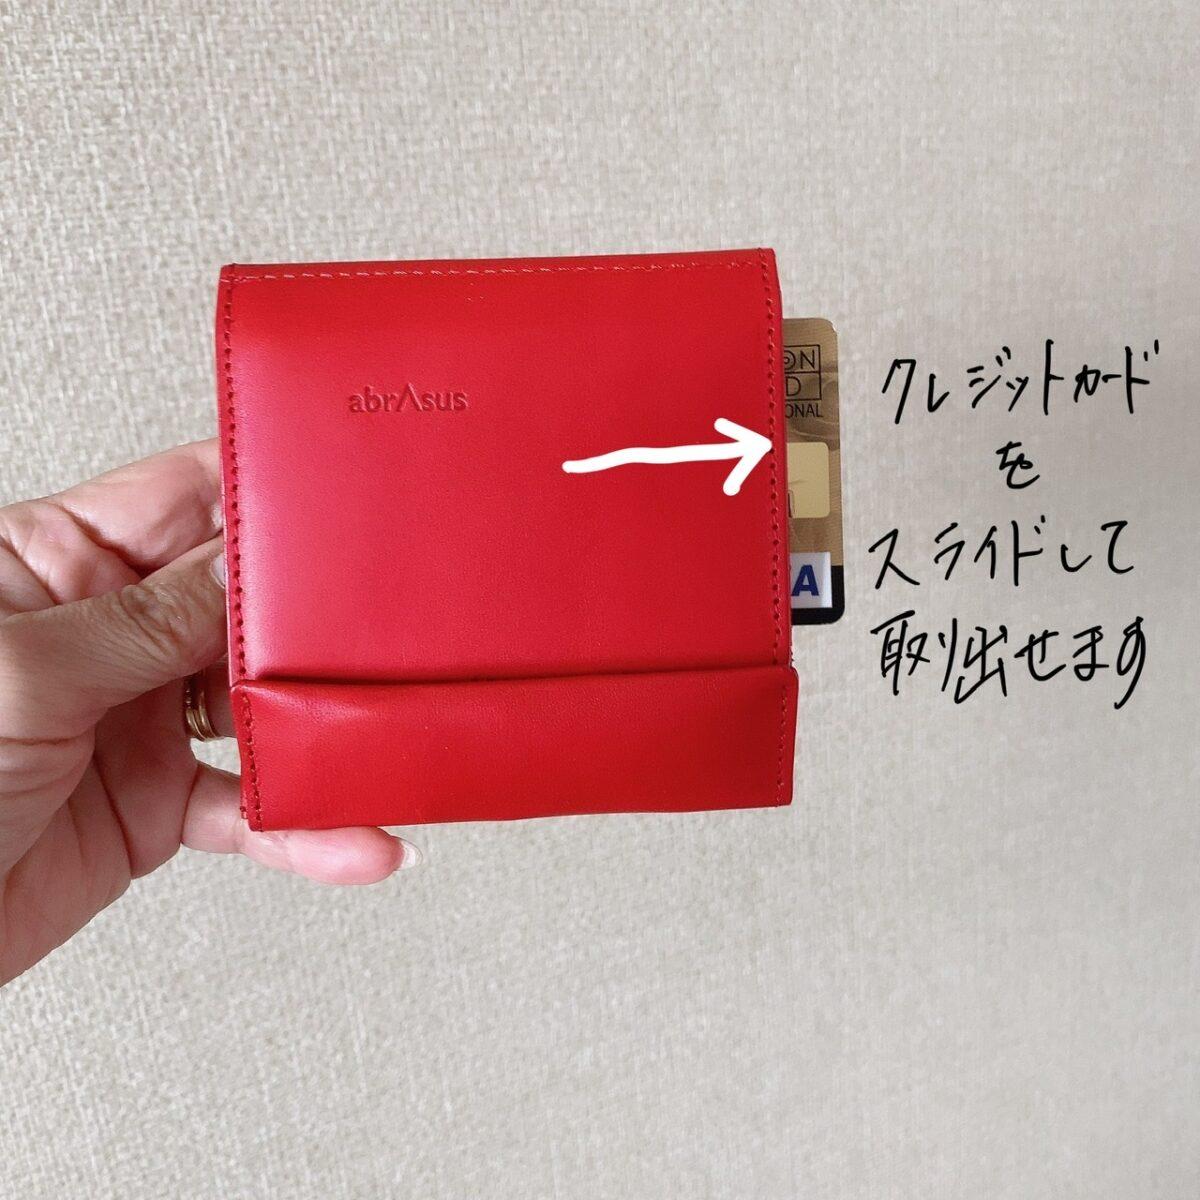 アブラサス 薄い財布